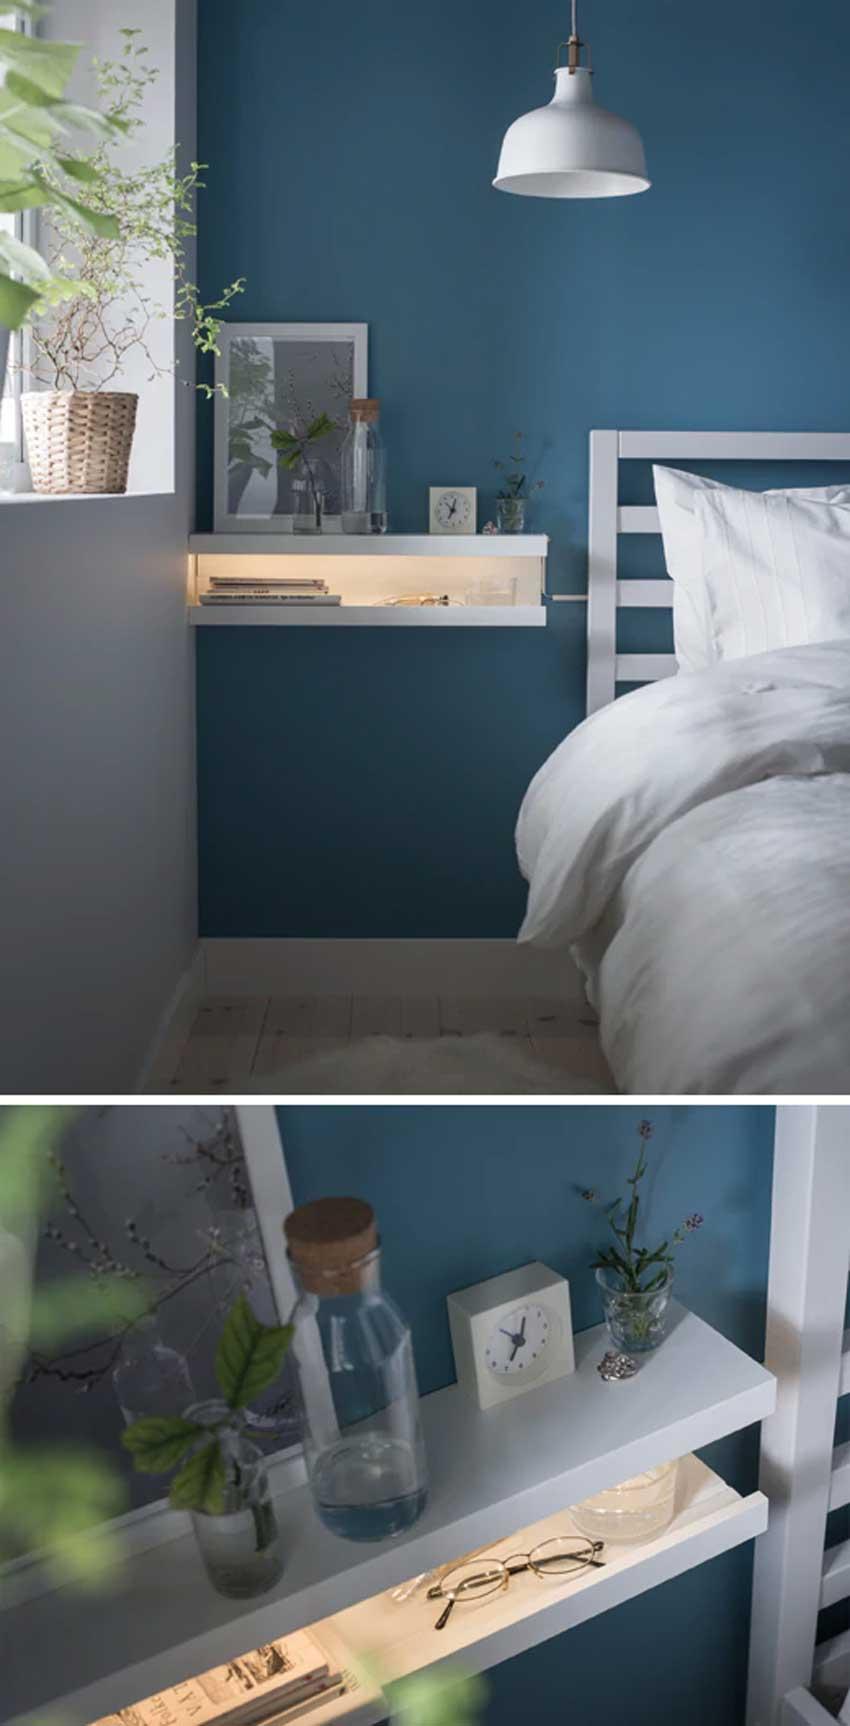 Libreria Design Camera Da Letto mensole ikea: 15 modi di utilizzarle in modo furbo per